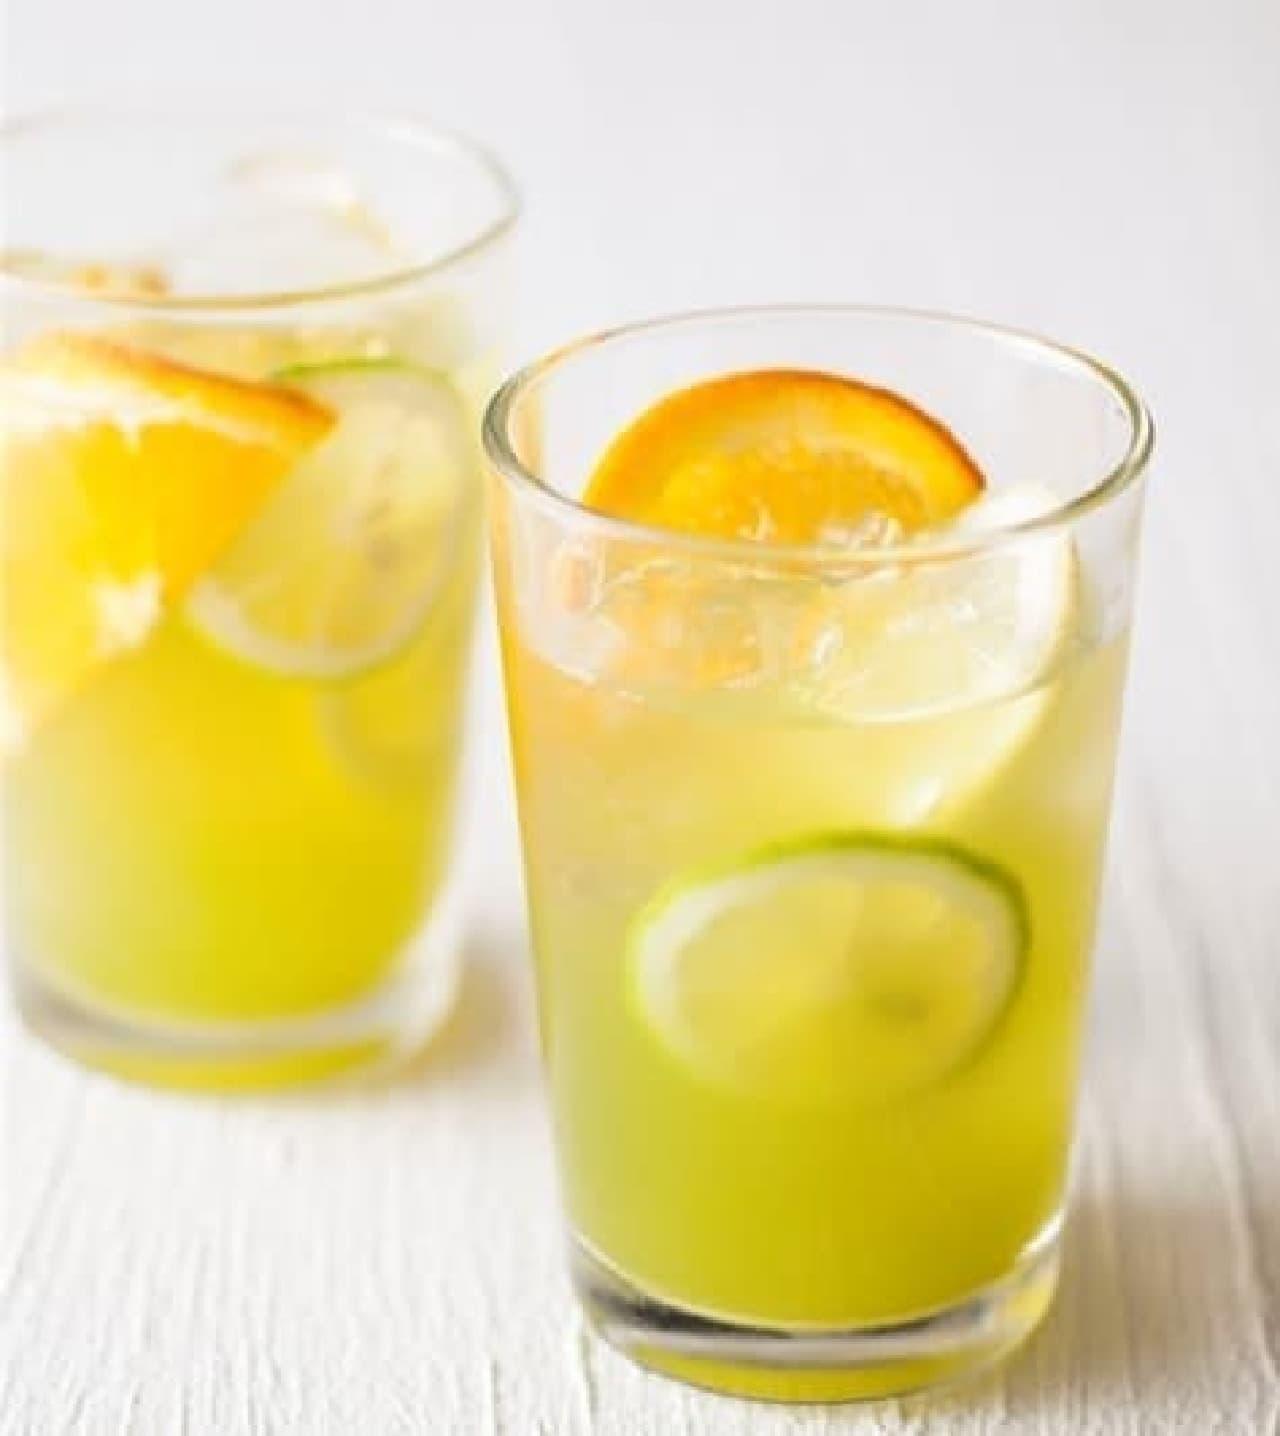 粉末清涼飲料「辻利 宇治抹茶入り グリーン レモンティー」